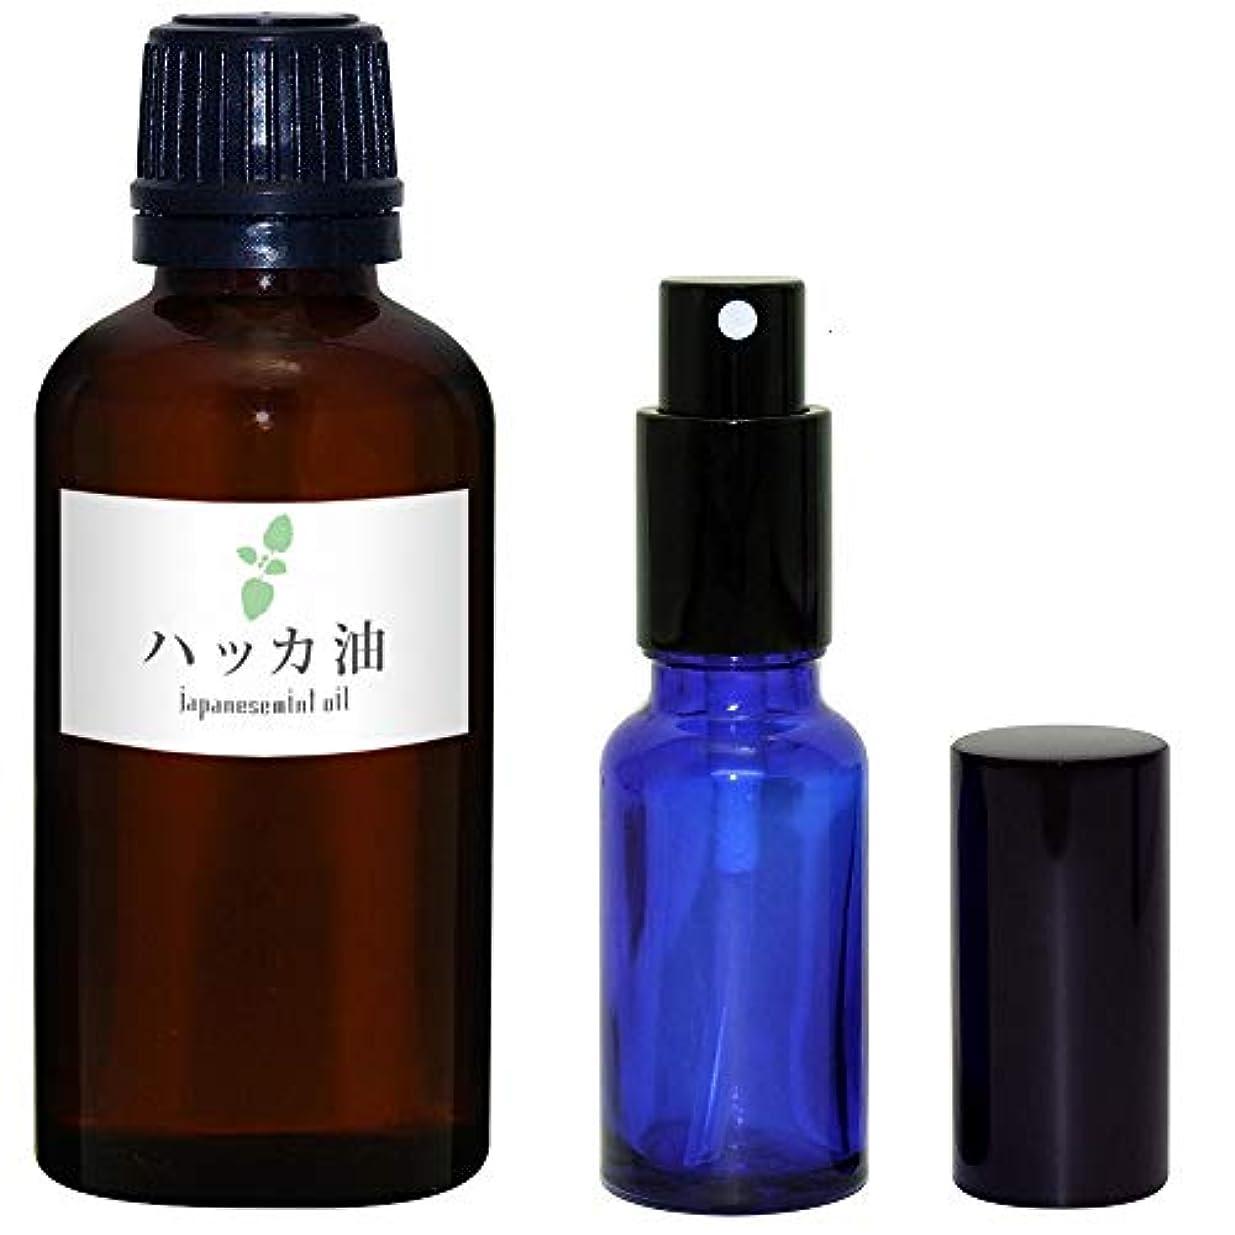 ガレージ?ゼロ ハッカ油 50ml(GZAK15)+ガラス瓶 スプレーボトル20ml/和種薄荷/ジャパニーズミント GSE535